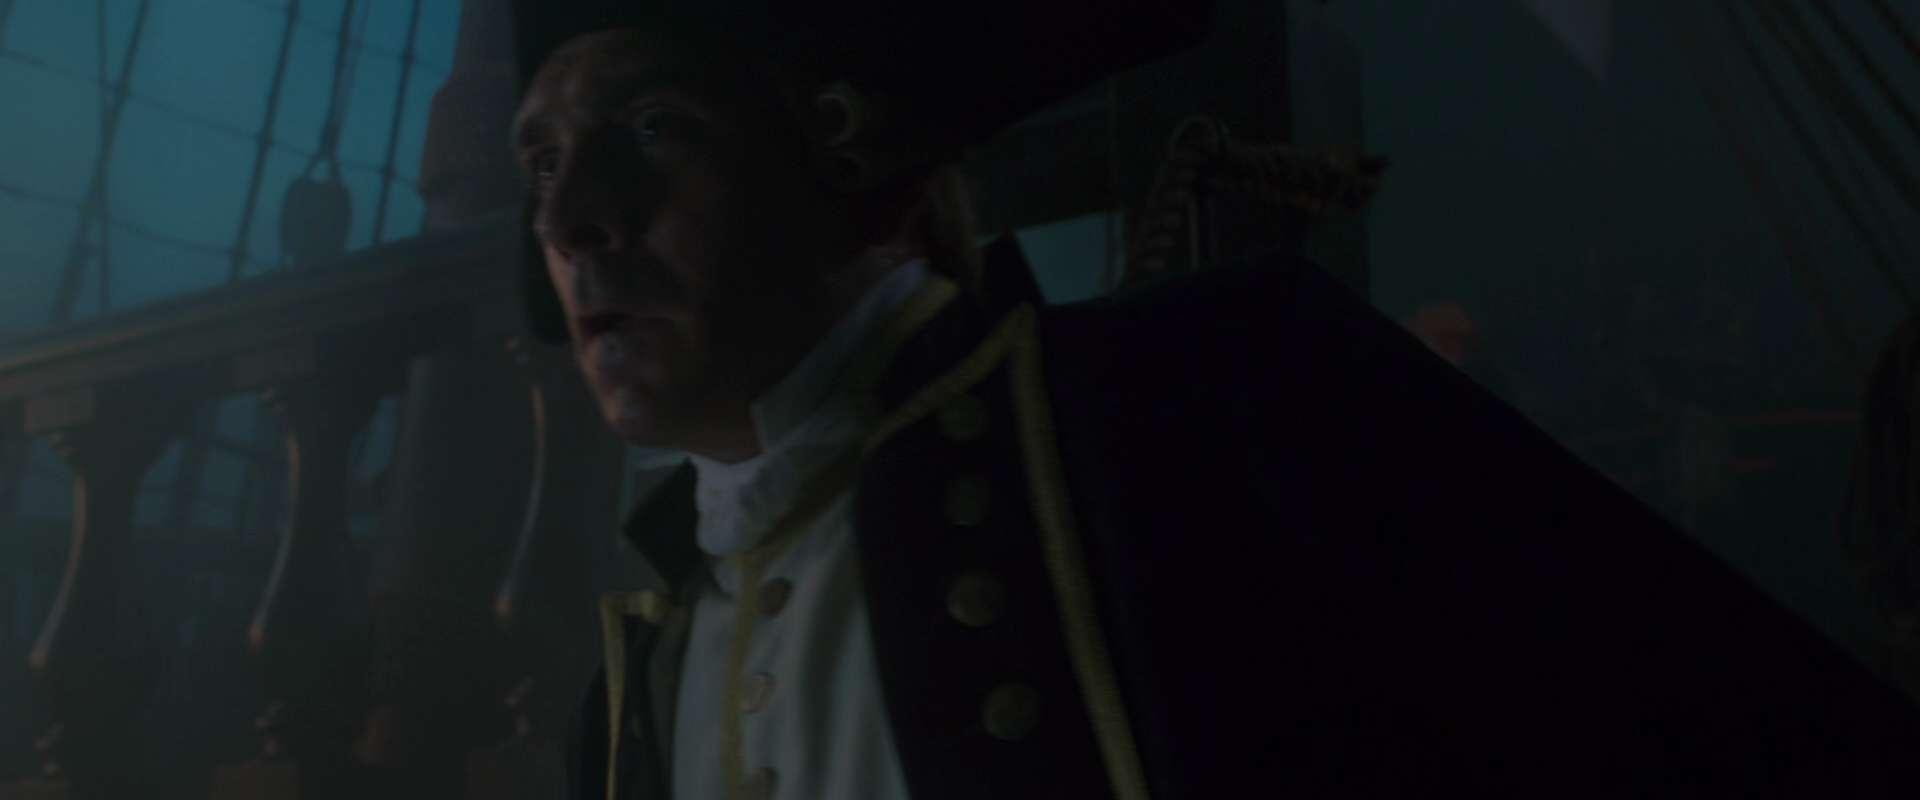 Pirates of the Caribbean Dead Men Tell No Tales 2017 1080p 10bit BluRay 7 1 x265 HEVC-MZABI